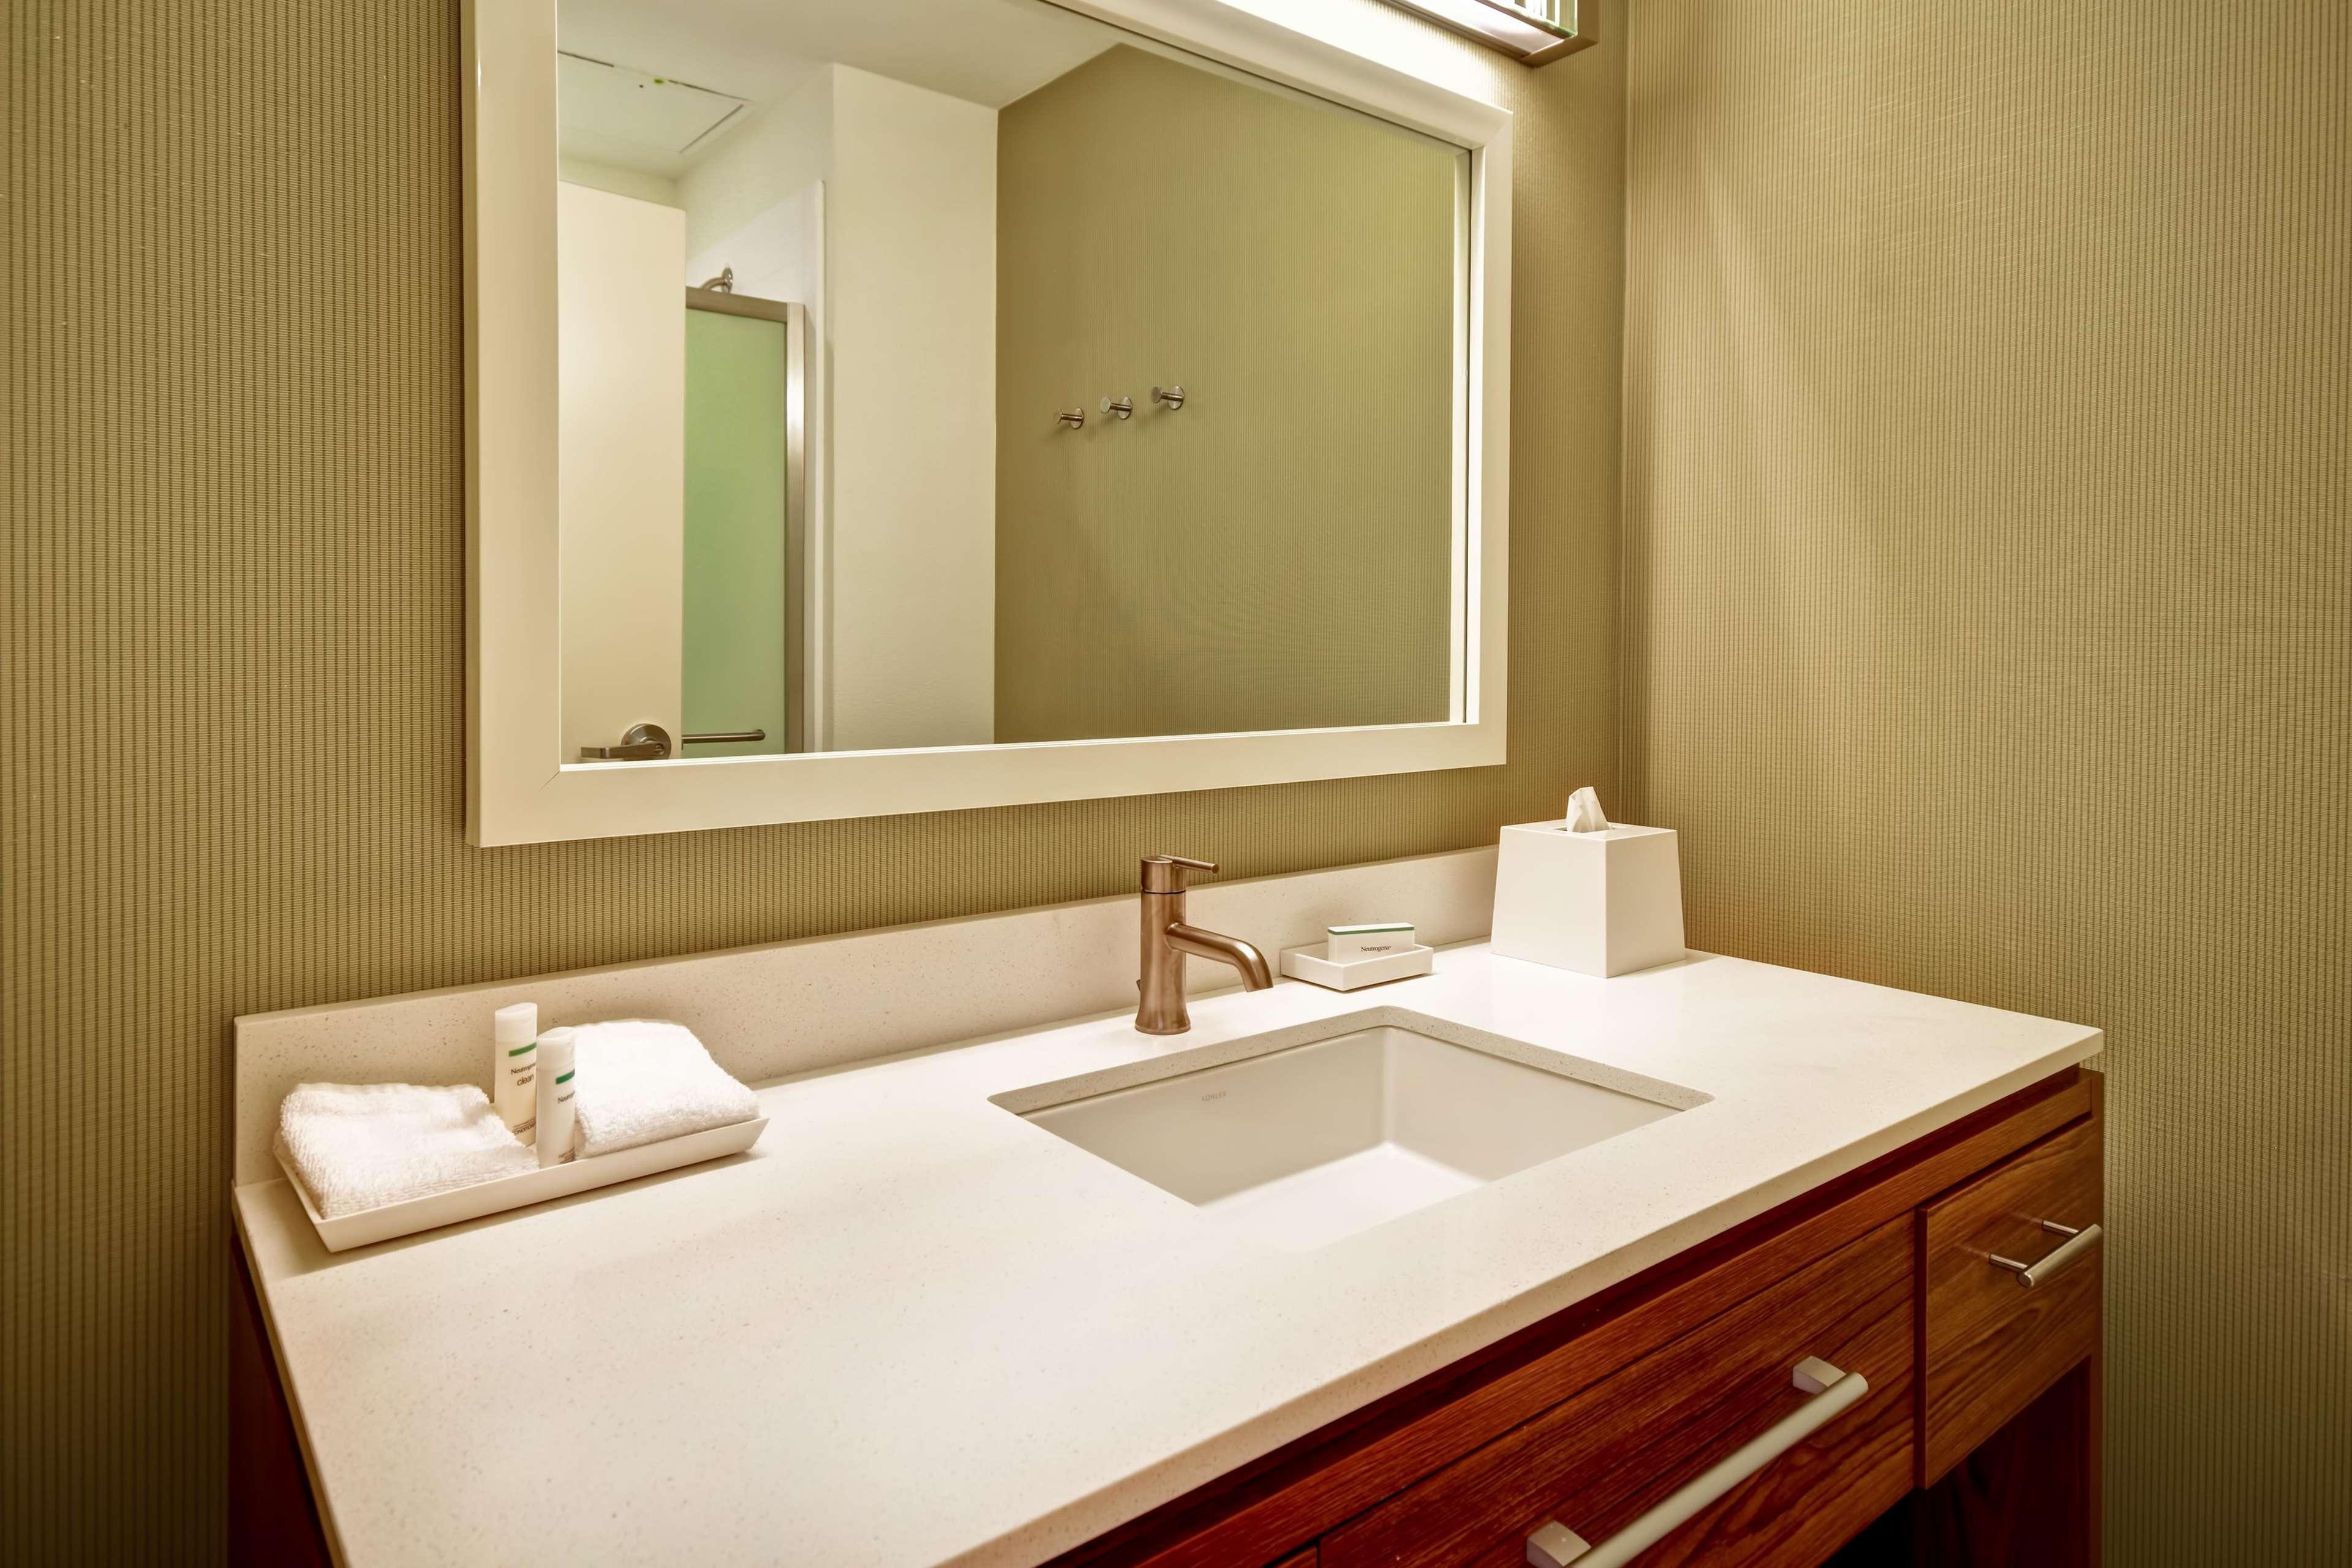 Home2 Suites by Hilton Smyrna Nashville image 33